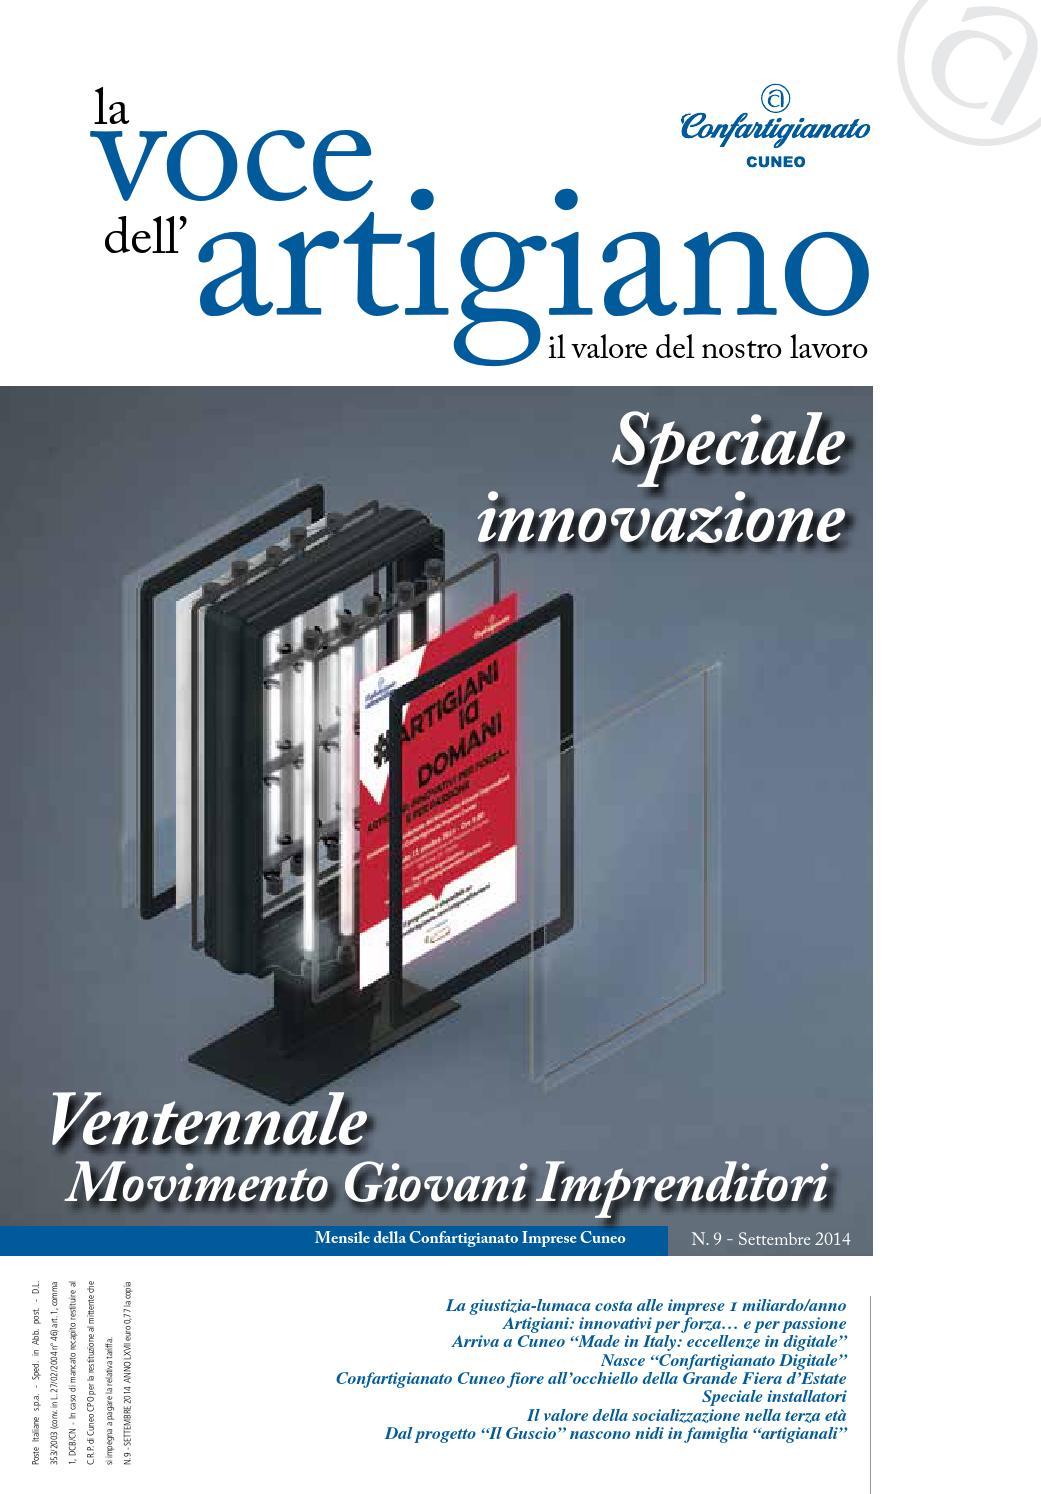 La Voce dell Artigiano - Settembre 2014 by Confartigianato Cuneo - issuu 6f0687b97ec4